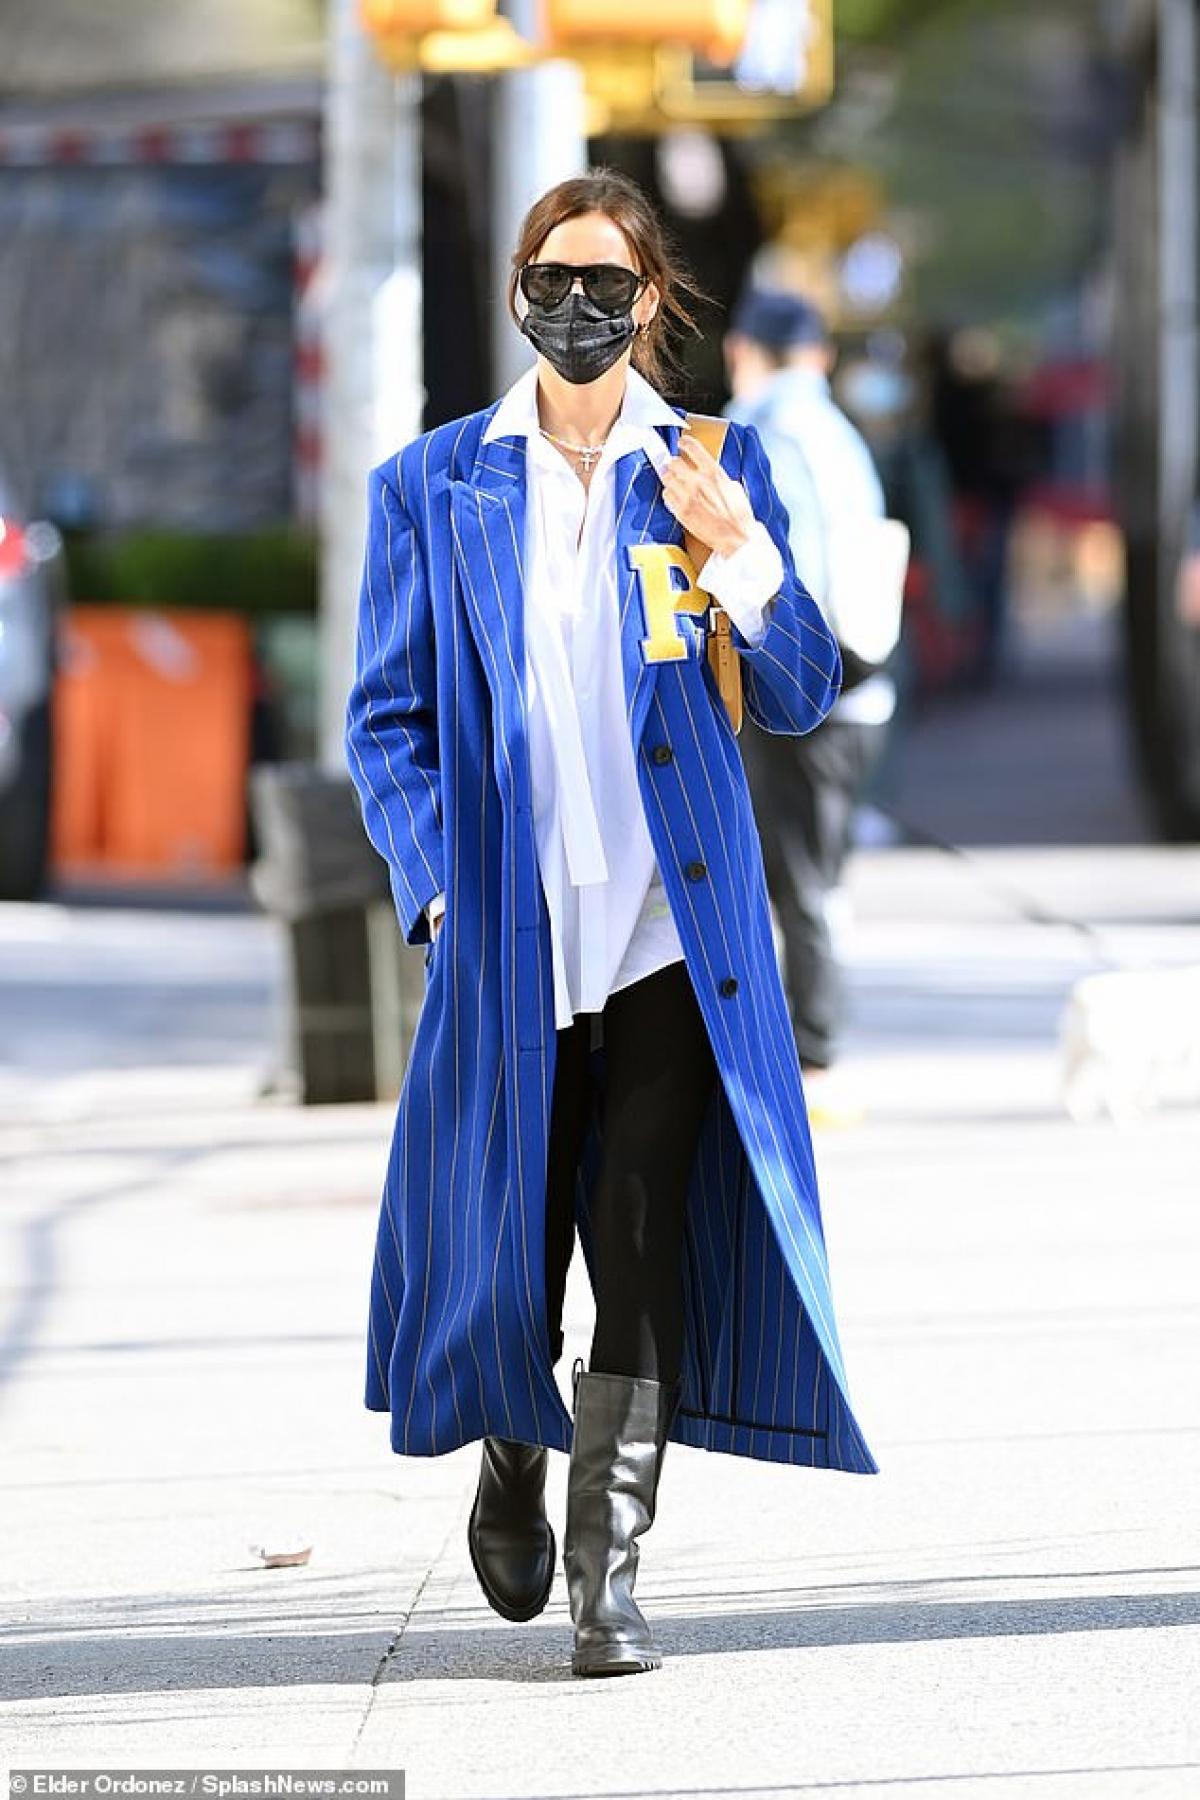 Siêu mẫu Nga diện áo khoác dáng dài kẻ sọc màu xanh nổi bật, phối cùng bốt hàng hiệu sang chảnh.